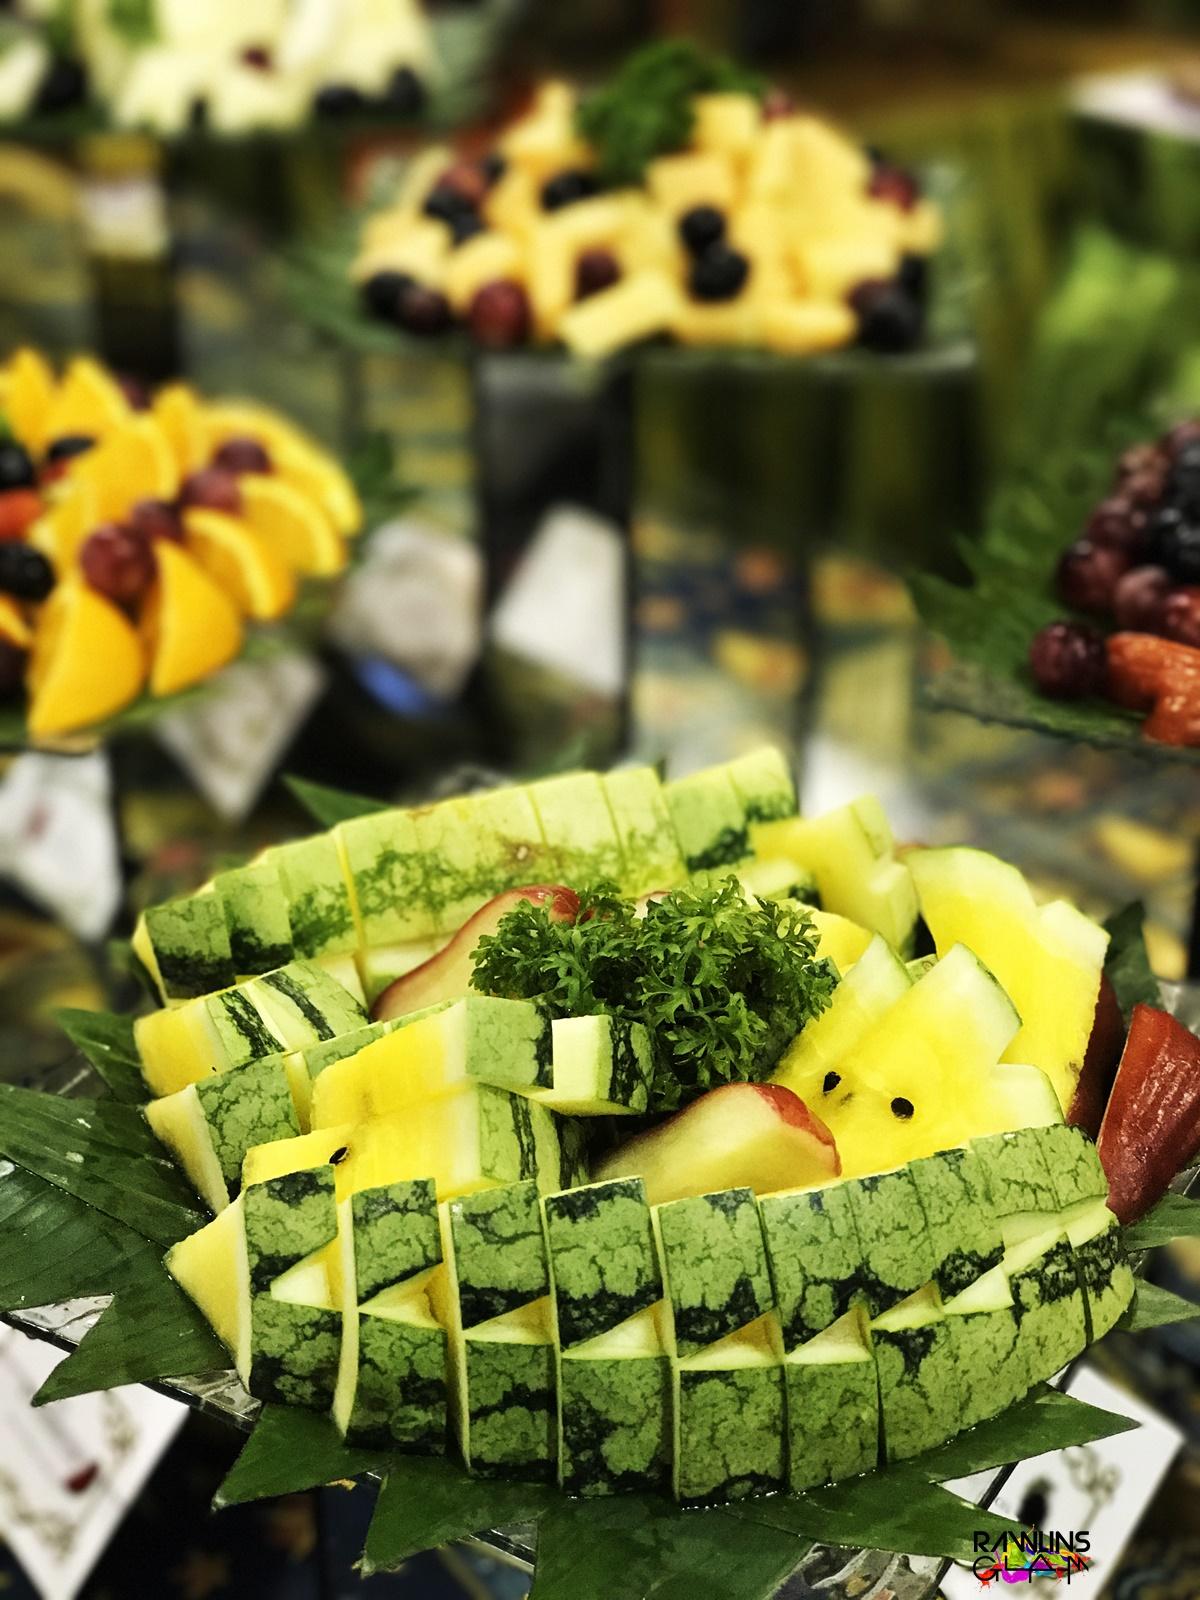 UBE Catering Services, Ramadhan, Ramadhan Buffet, bazar ramadhan, puasa, lokasi berbuka puasa di Nilai, byrawlins, Rawlins GLAM, buffet, Bufet Ramadan Murah,